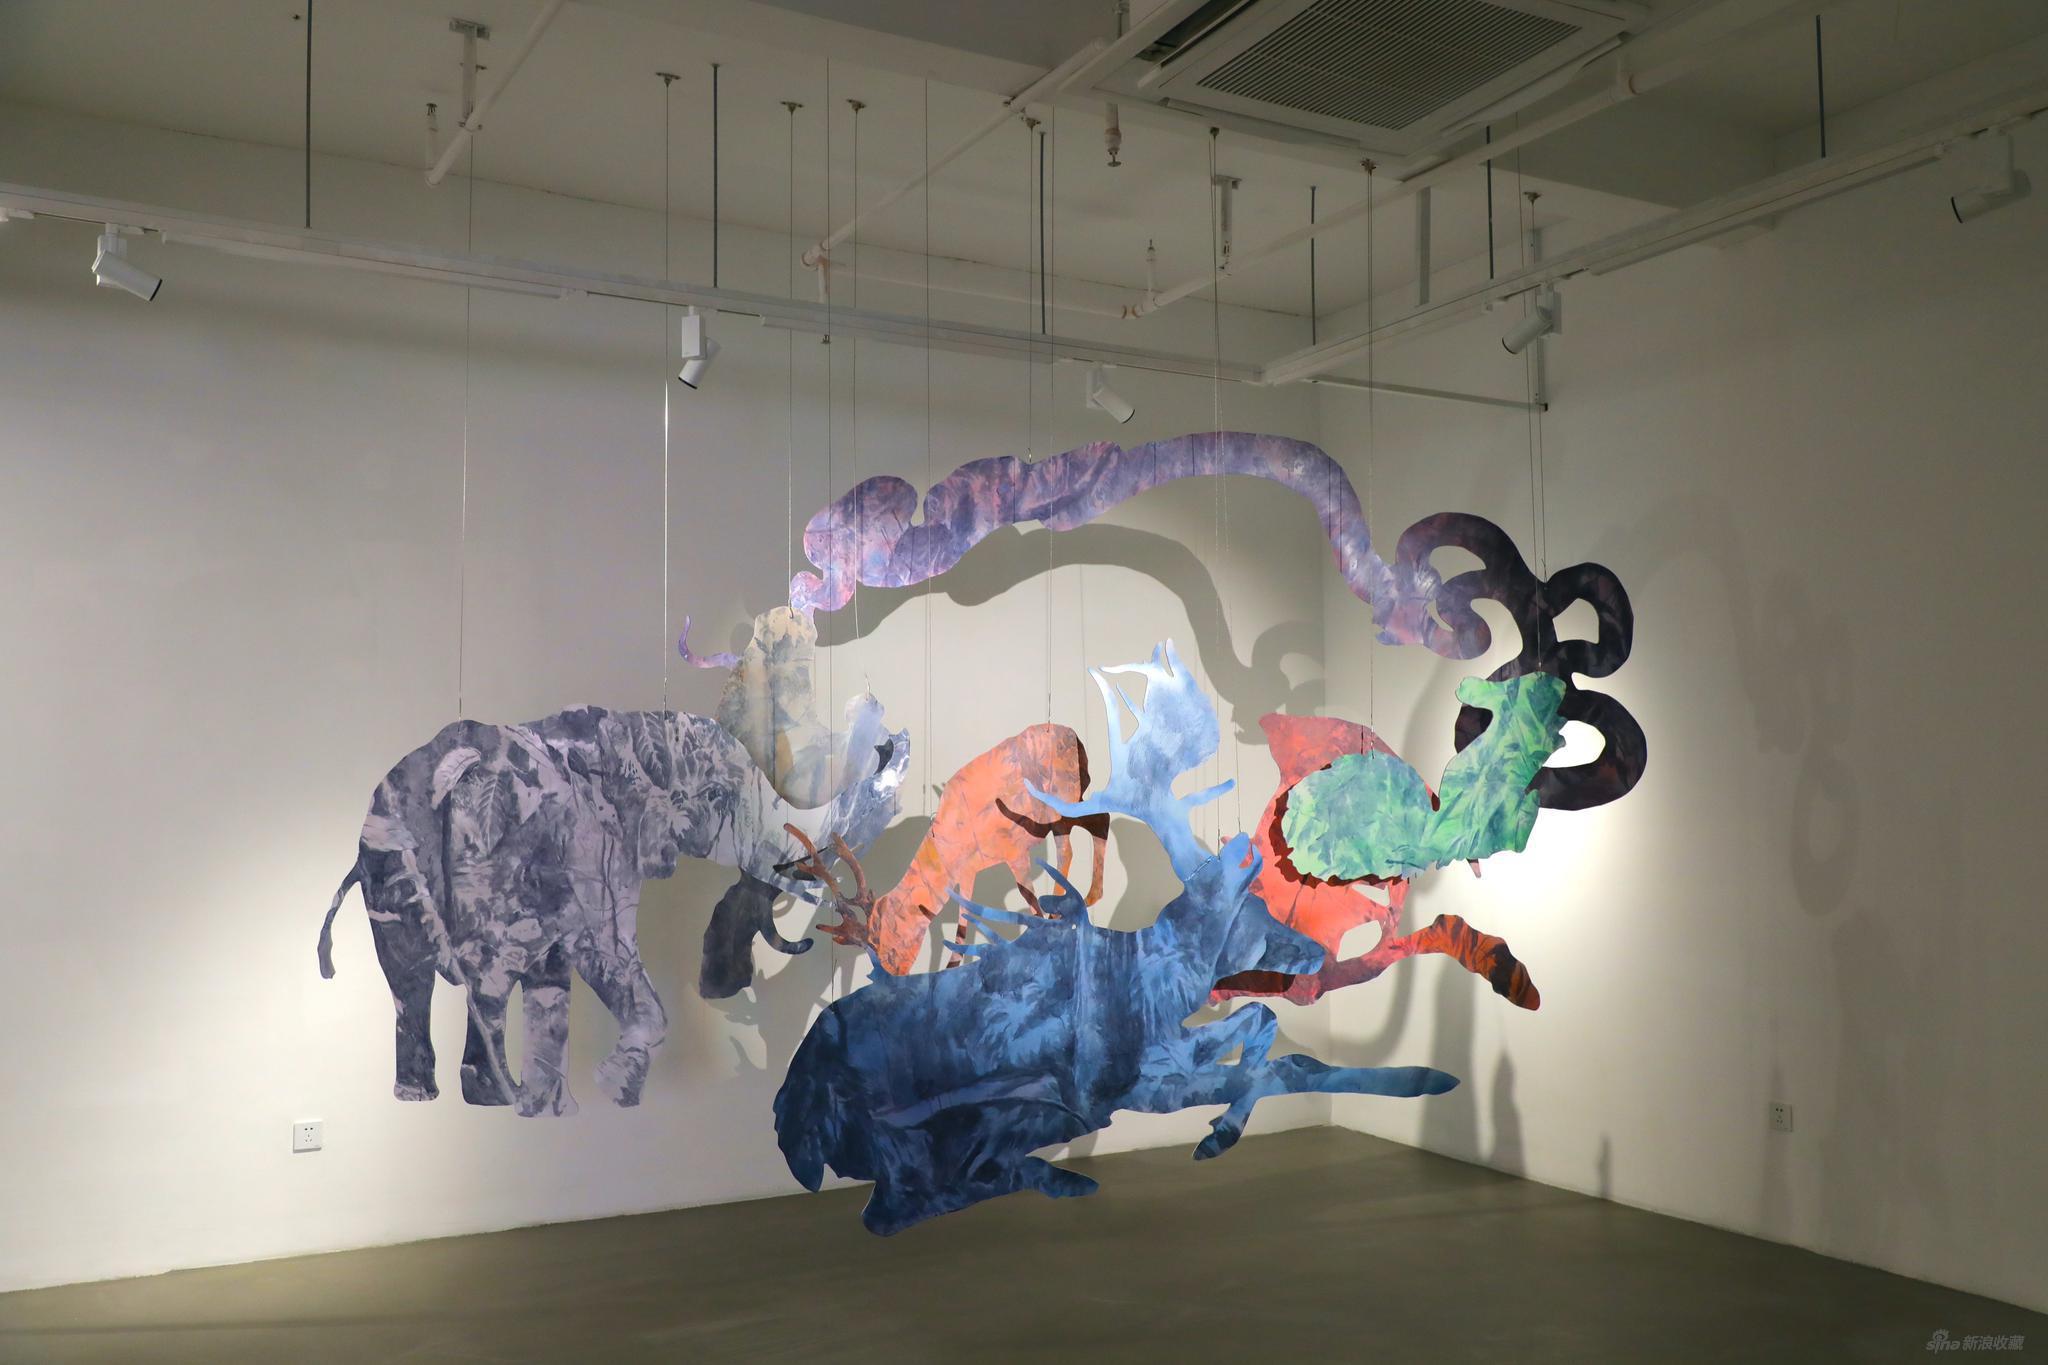 《有虎图》 徐振邦 板上绘画装置(丙烯、喷漆、激光造型切割雪弗板,尺寸可变) 2020